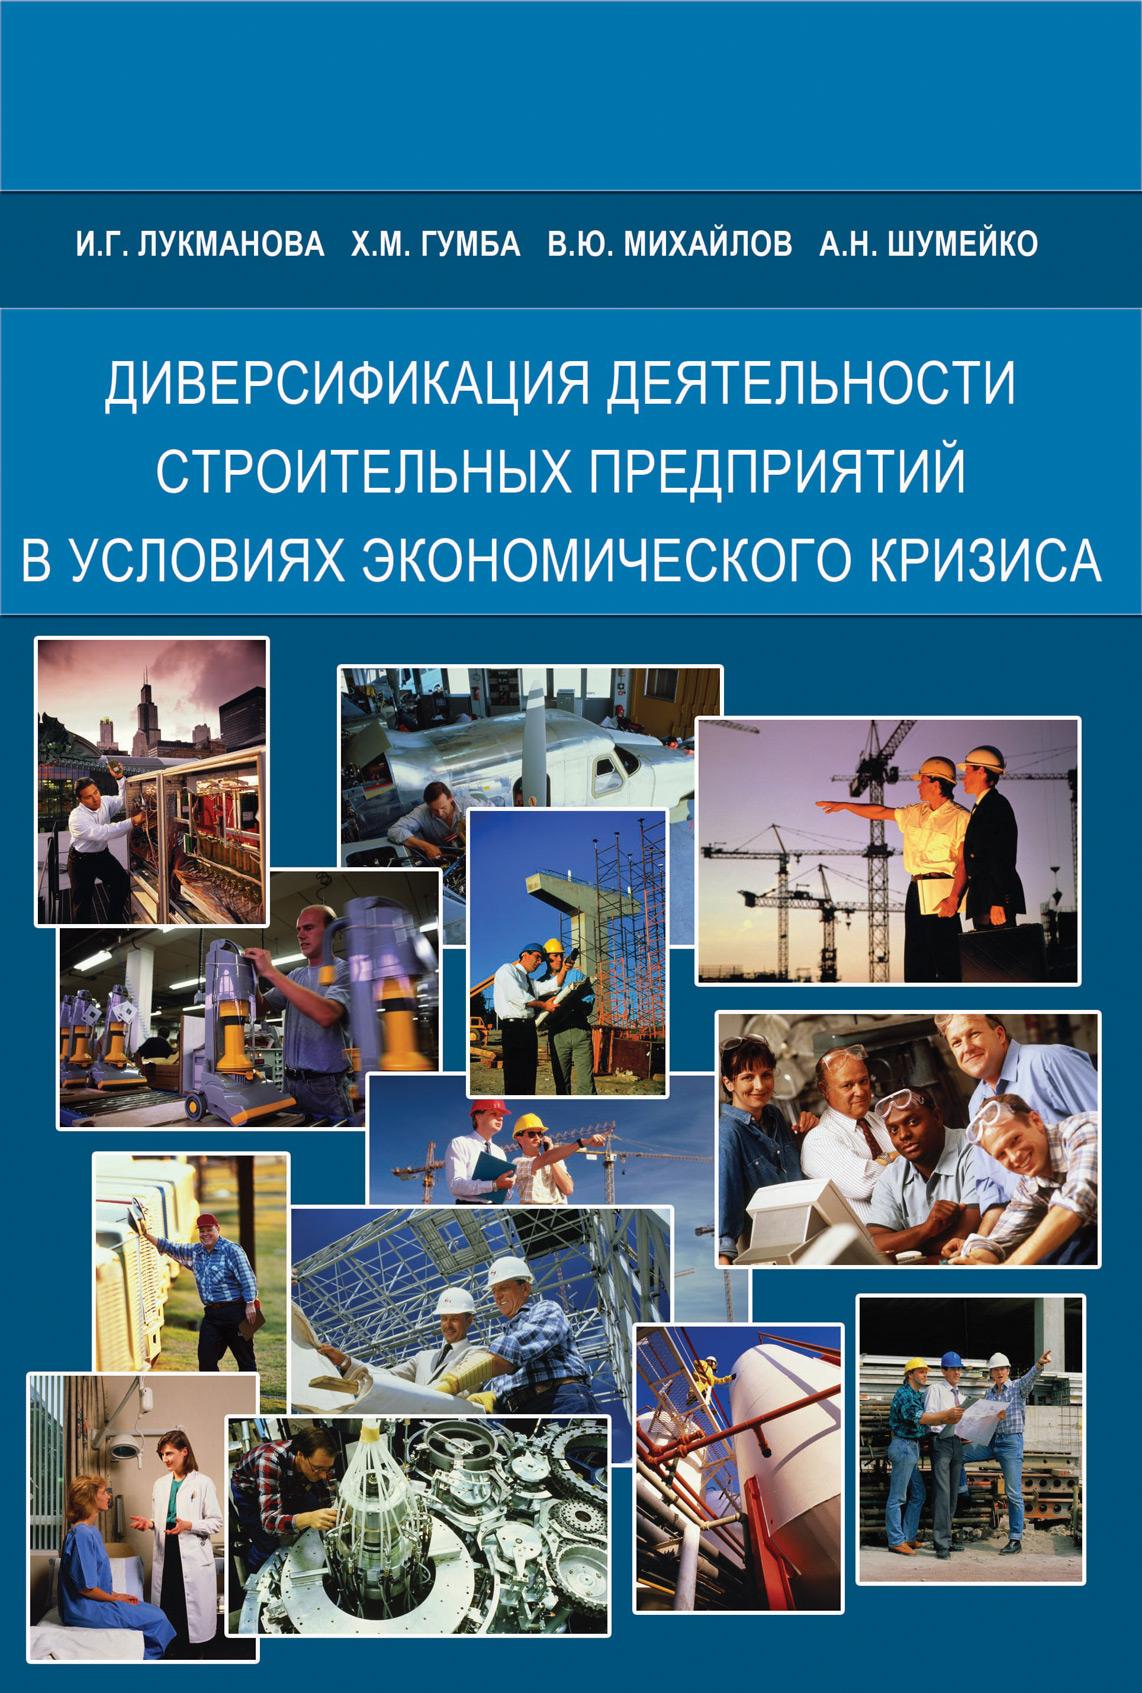 Диверсификация деятельности строительных предприятий в условиях экономического кризиса